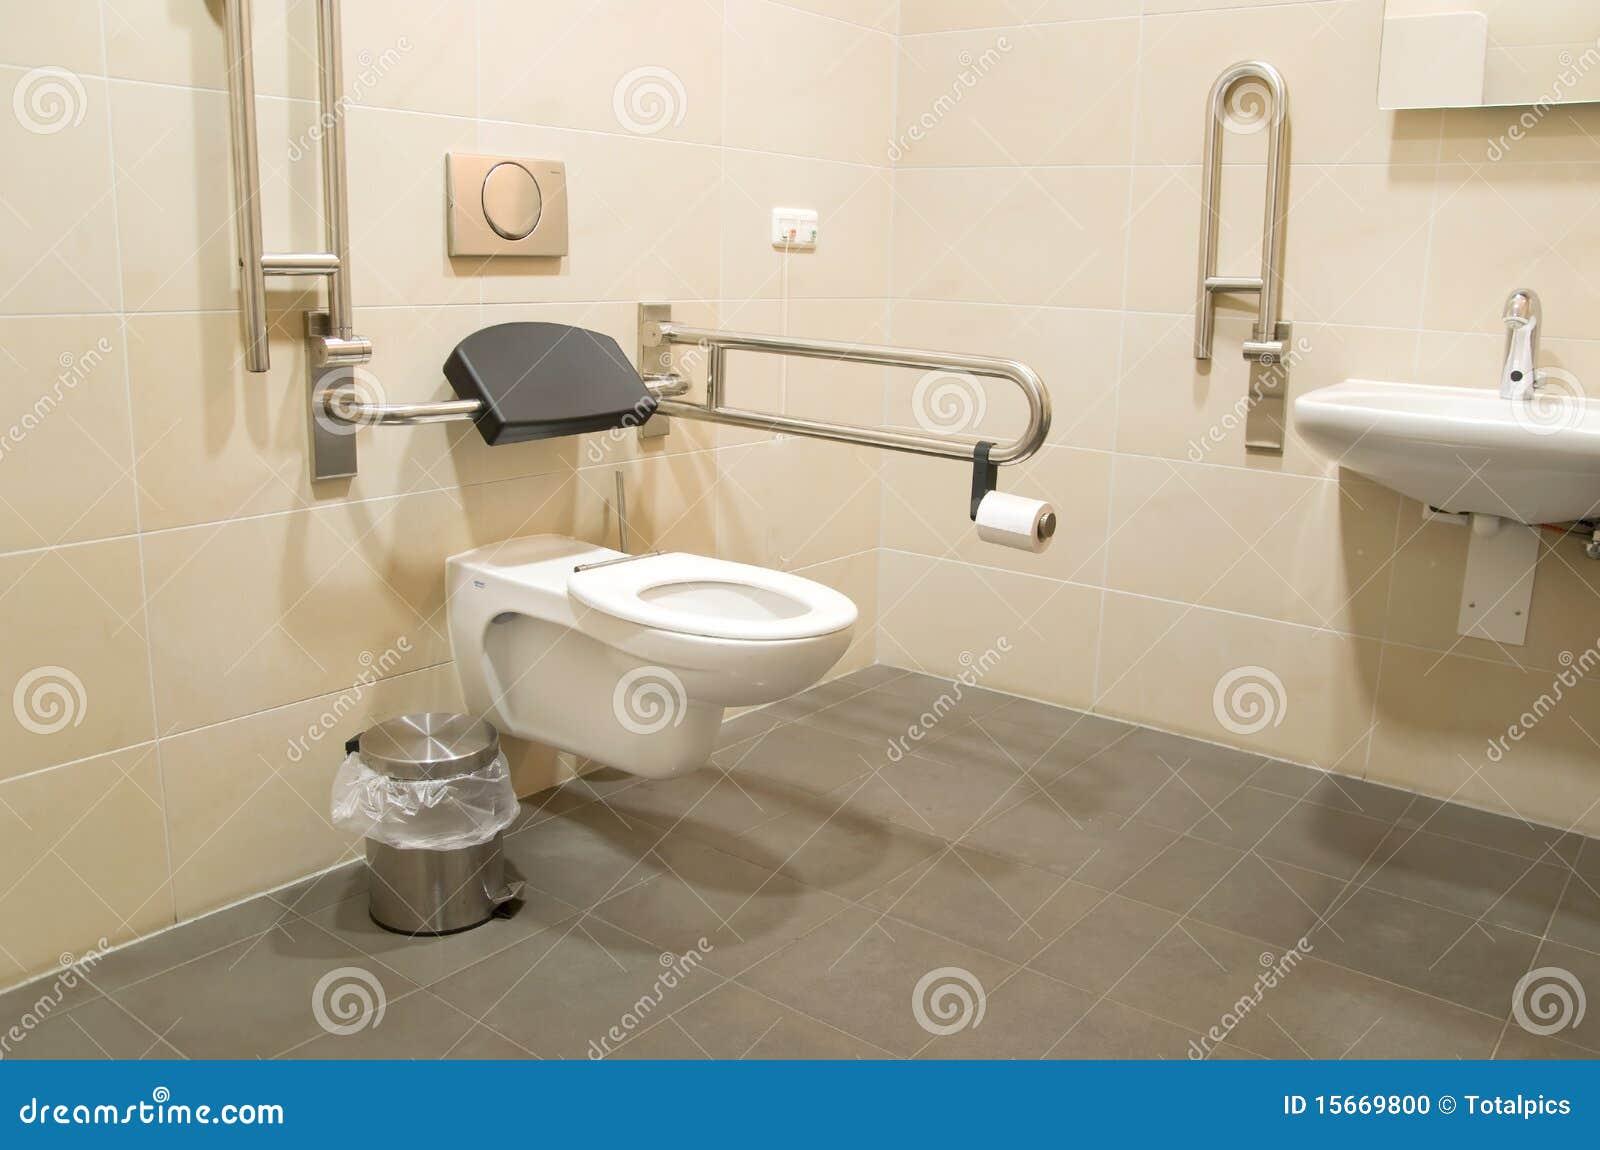 Banheiro Para Deficientes Motores Foto de Stock Imagem: 15669800 #84A922 1300 951